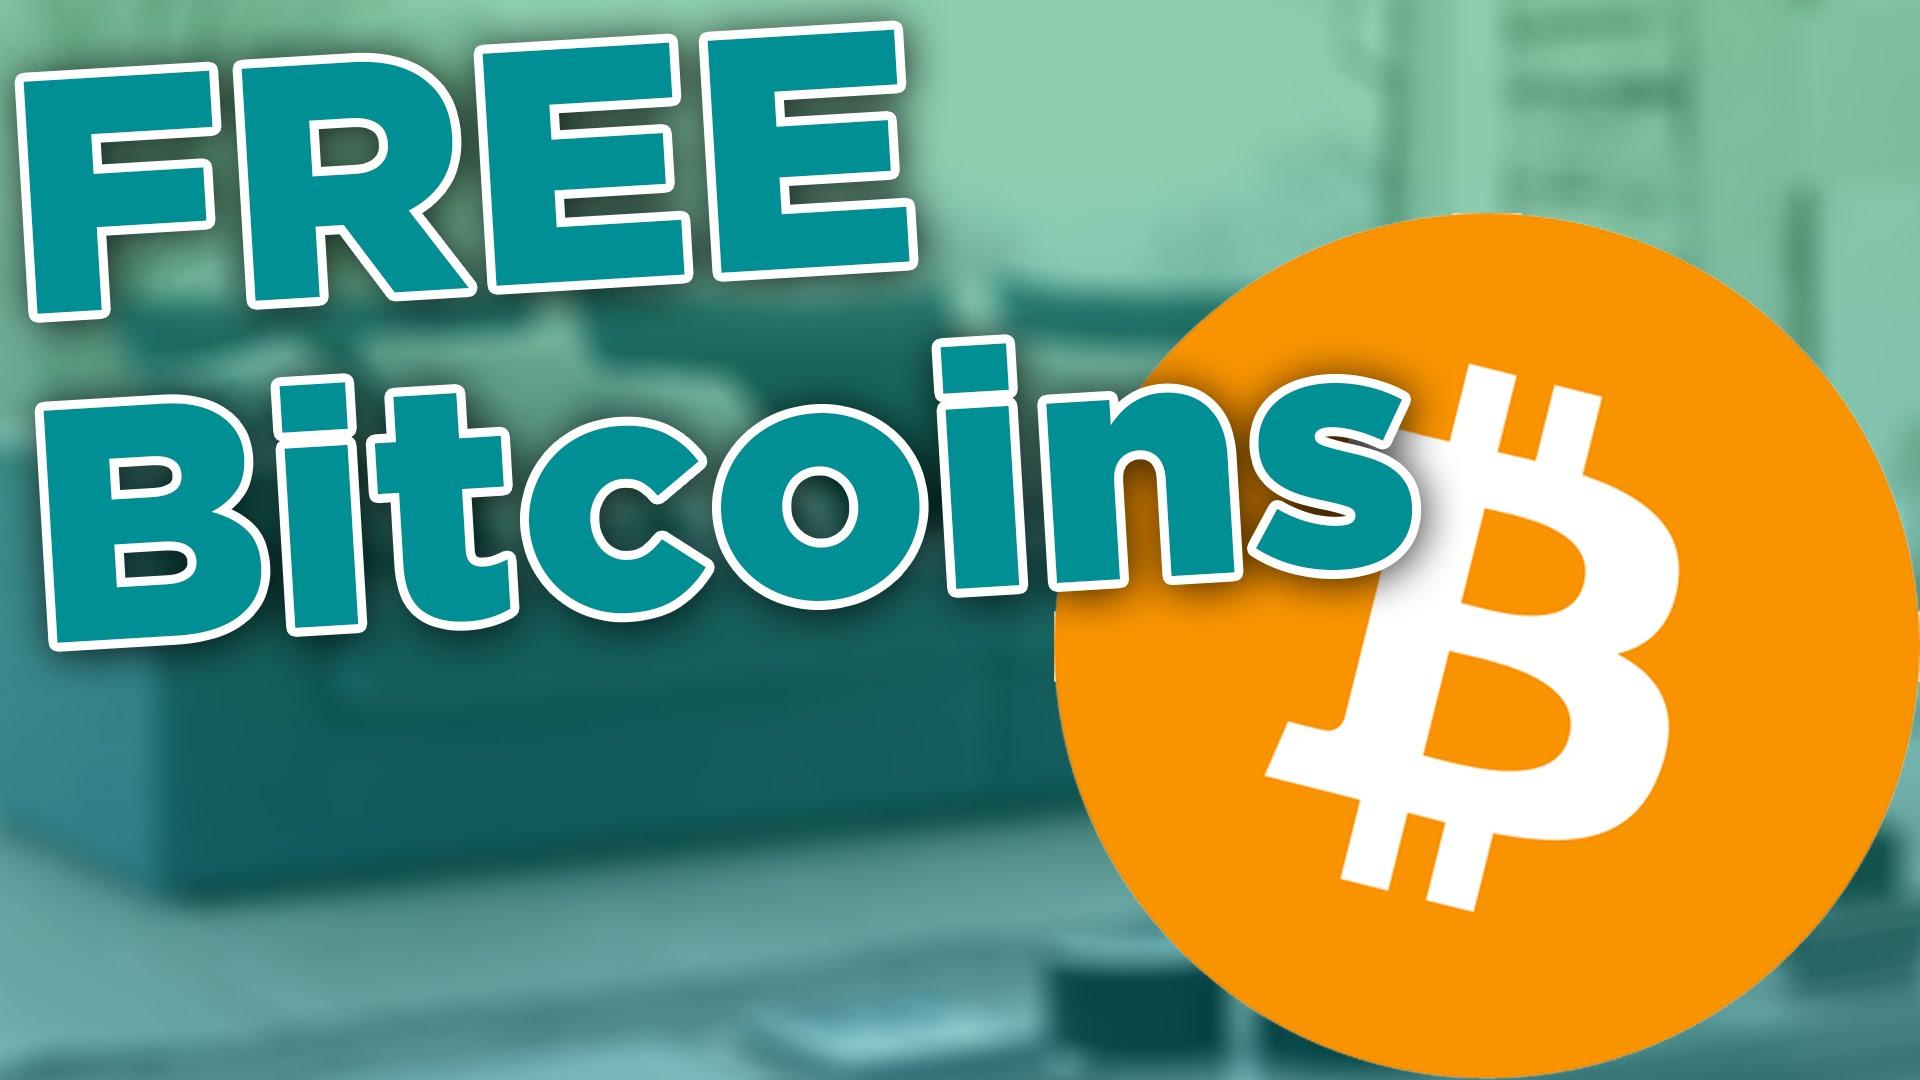 Comment avoir des bitcoins gratuits : où peut-on gagner des bitcoins ?